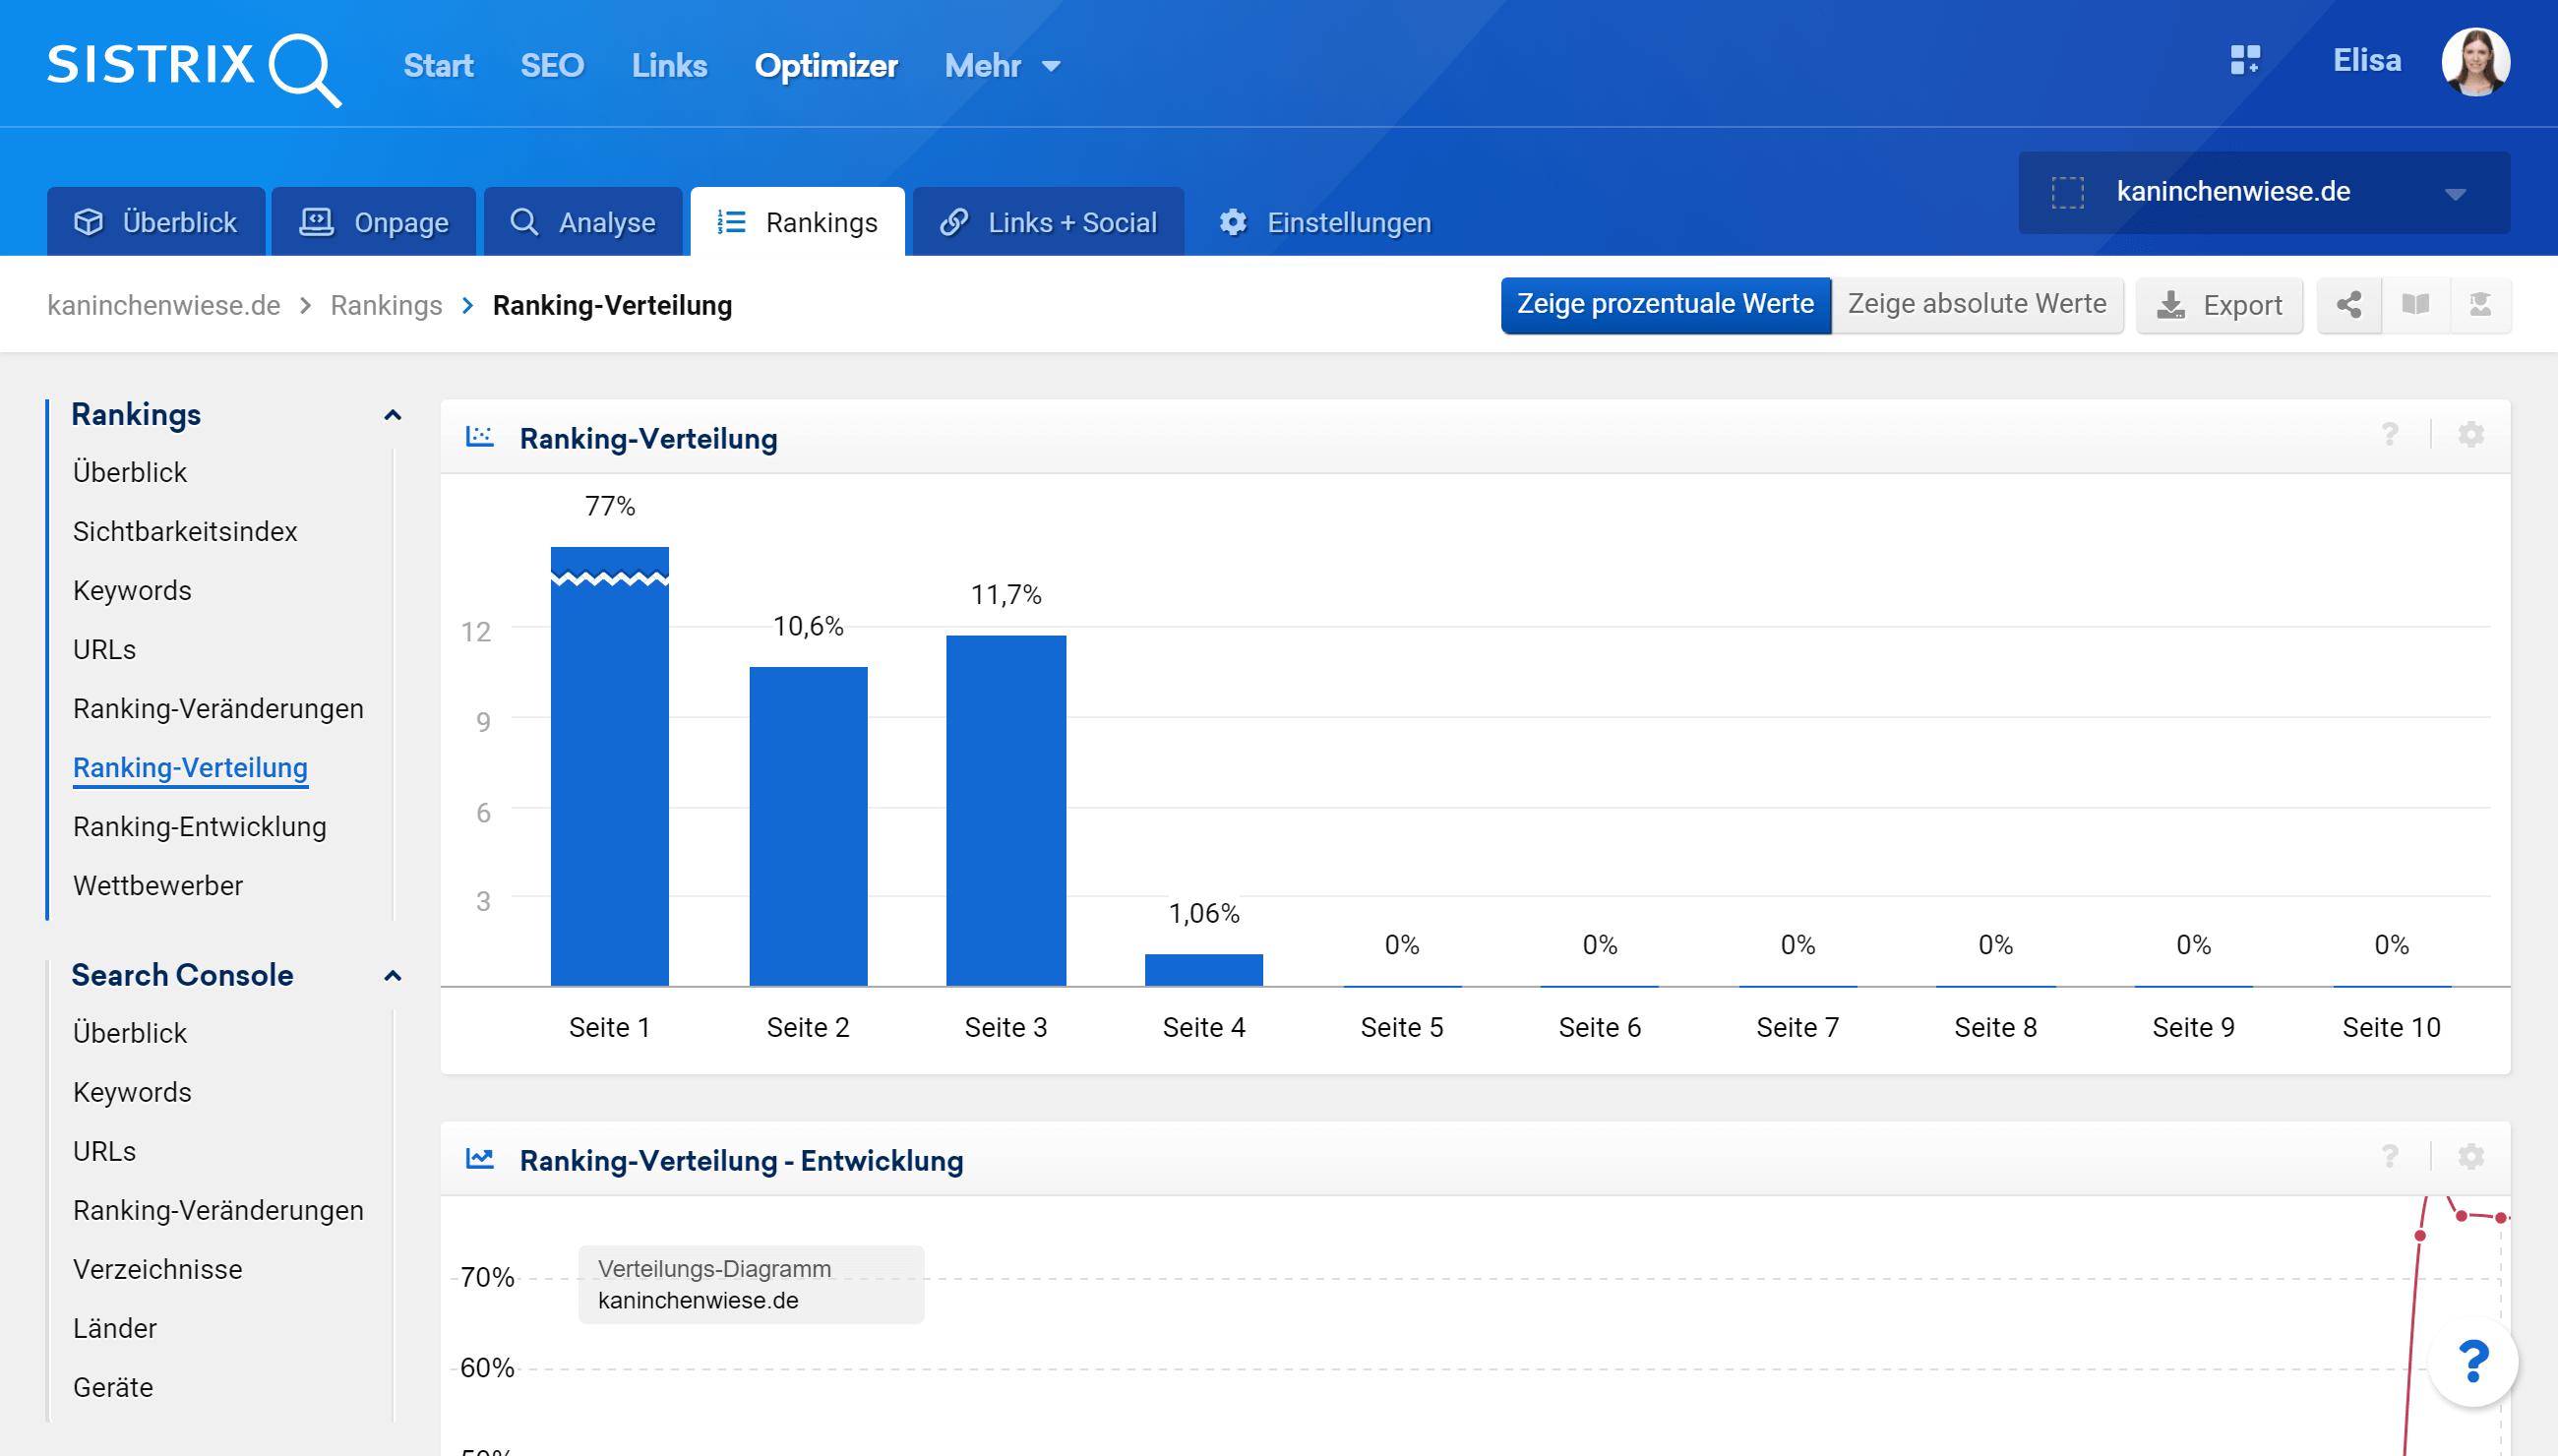 Der Bereich Ranking Verteilung im SISTRIX Optimizer